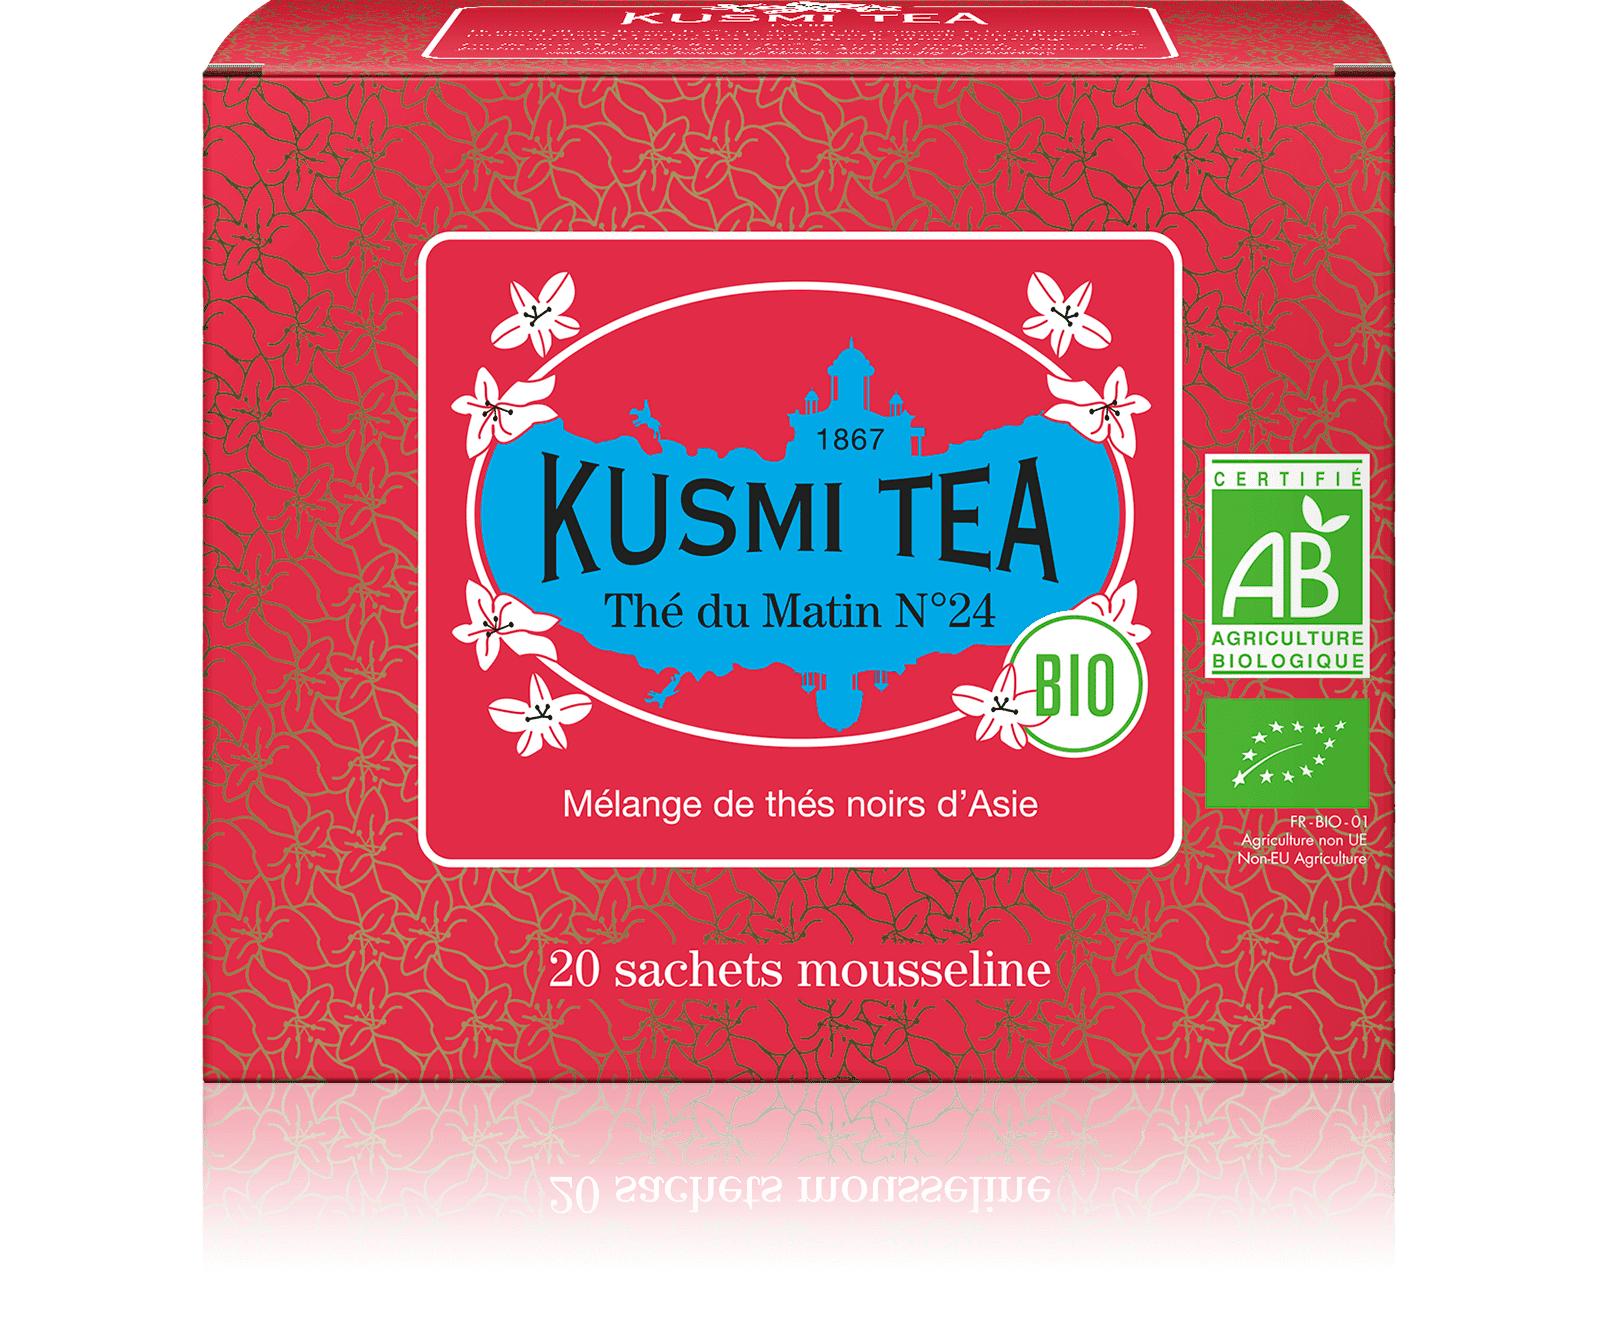 KUSMI TEA Thé du matin N°24 bio - Mélange de thés noirs d'Asie - Sachets de thé - Kusmi Tea